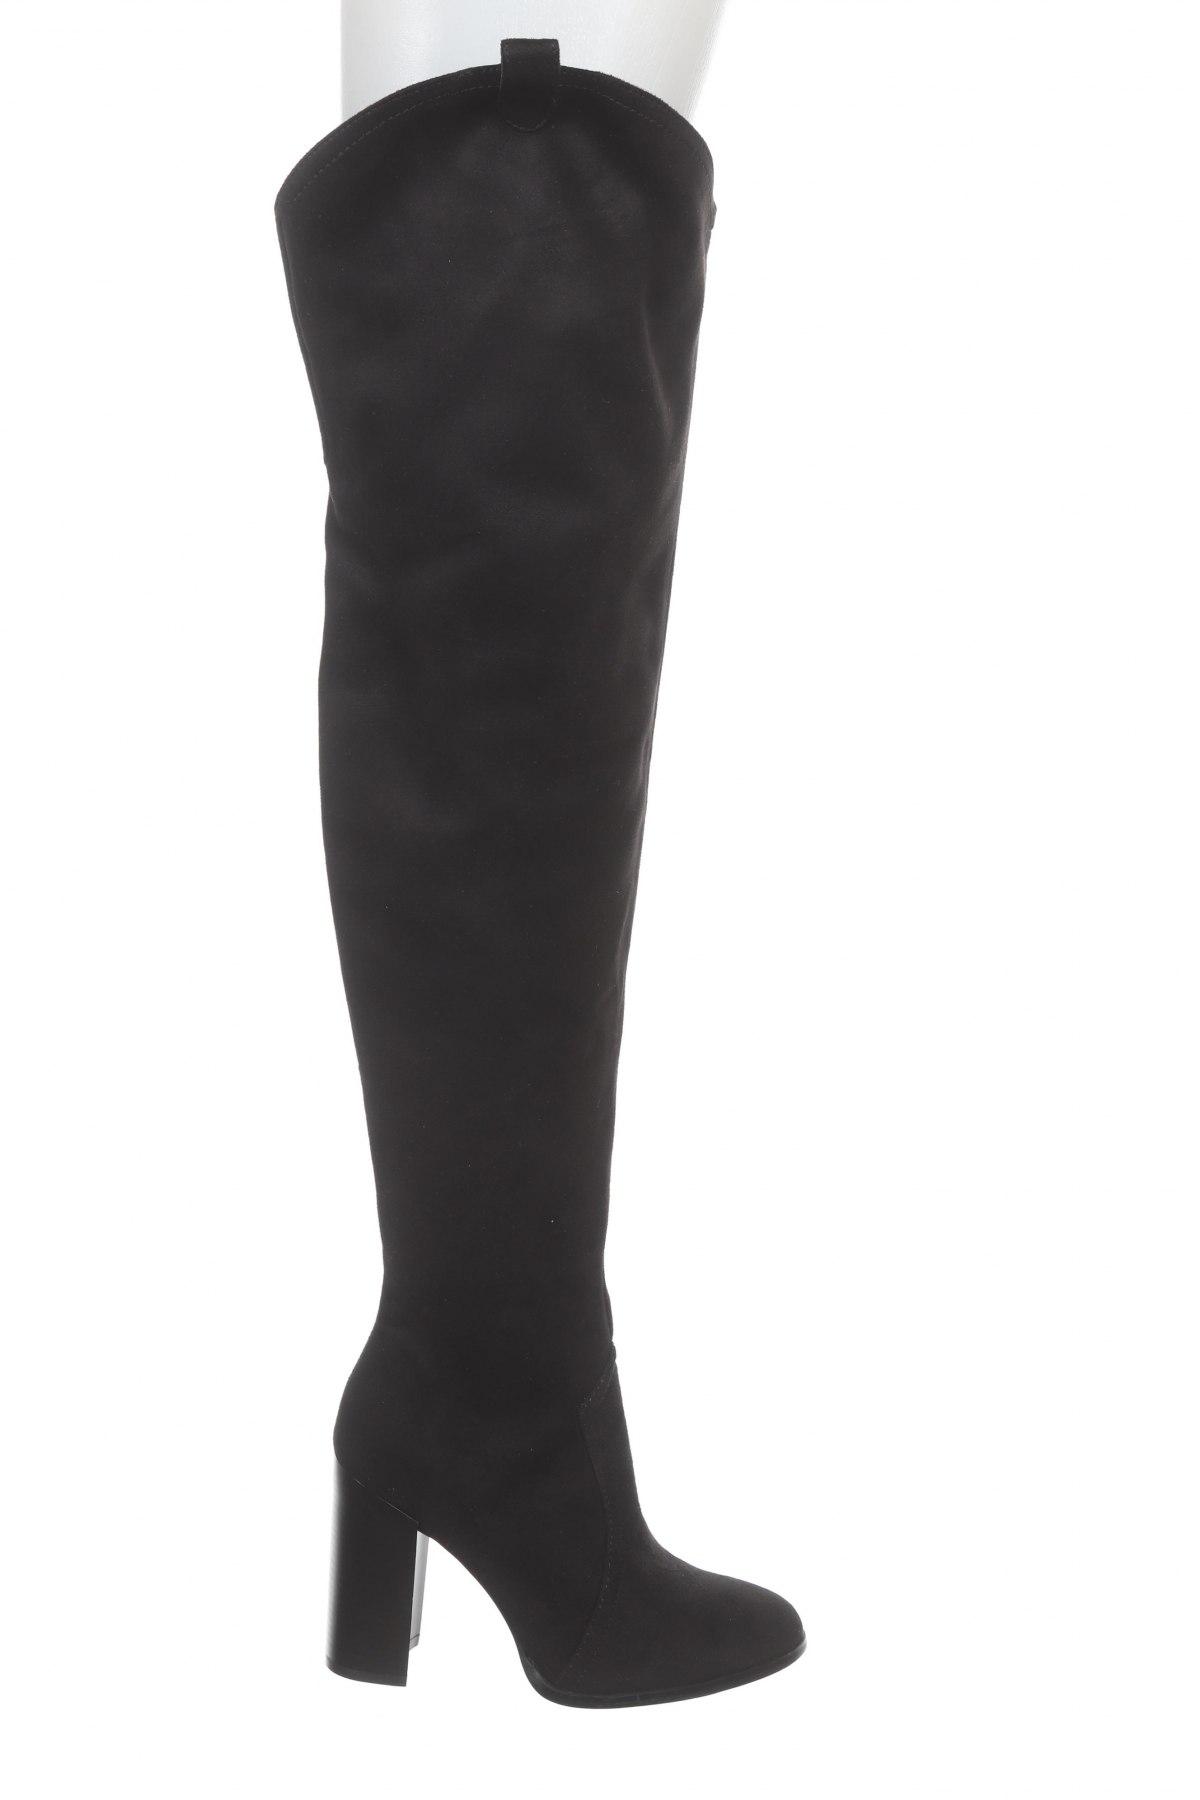 Дамски ботуши Even&Odd, Размер 39, Цвят Черен, Текстил, Цена 79,00лв.